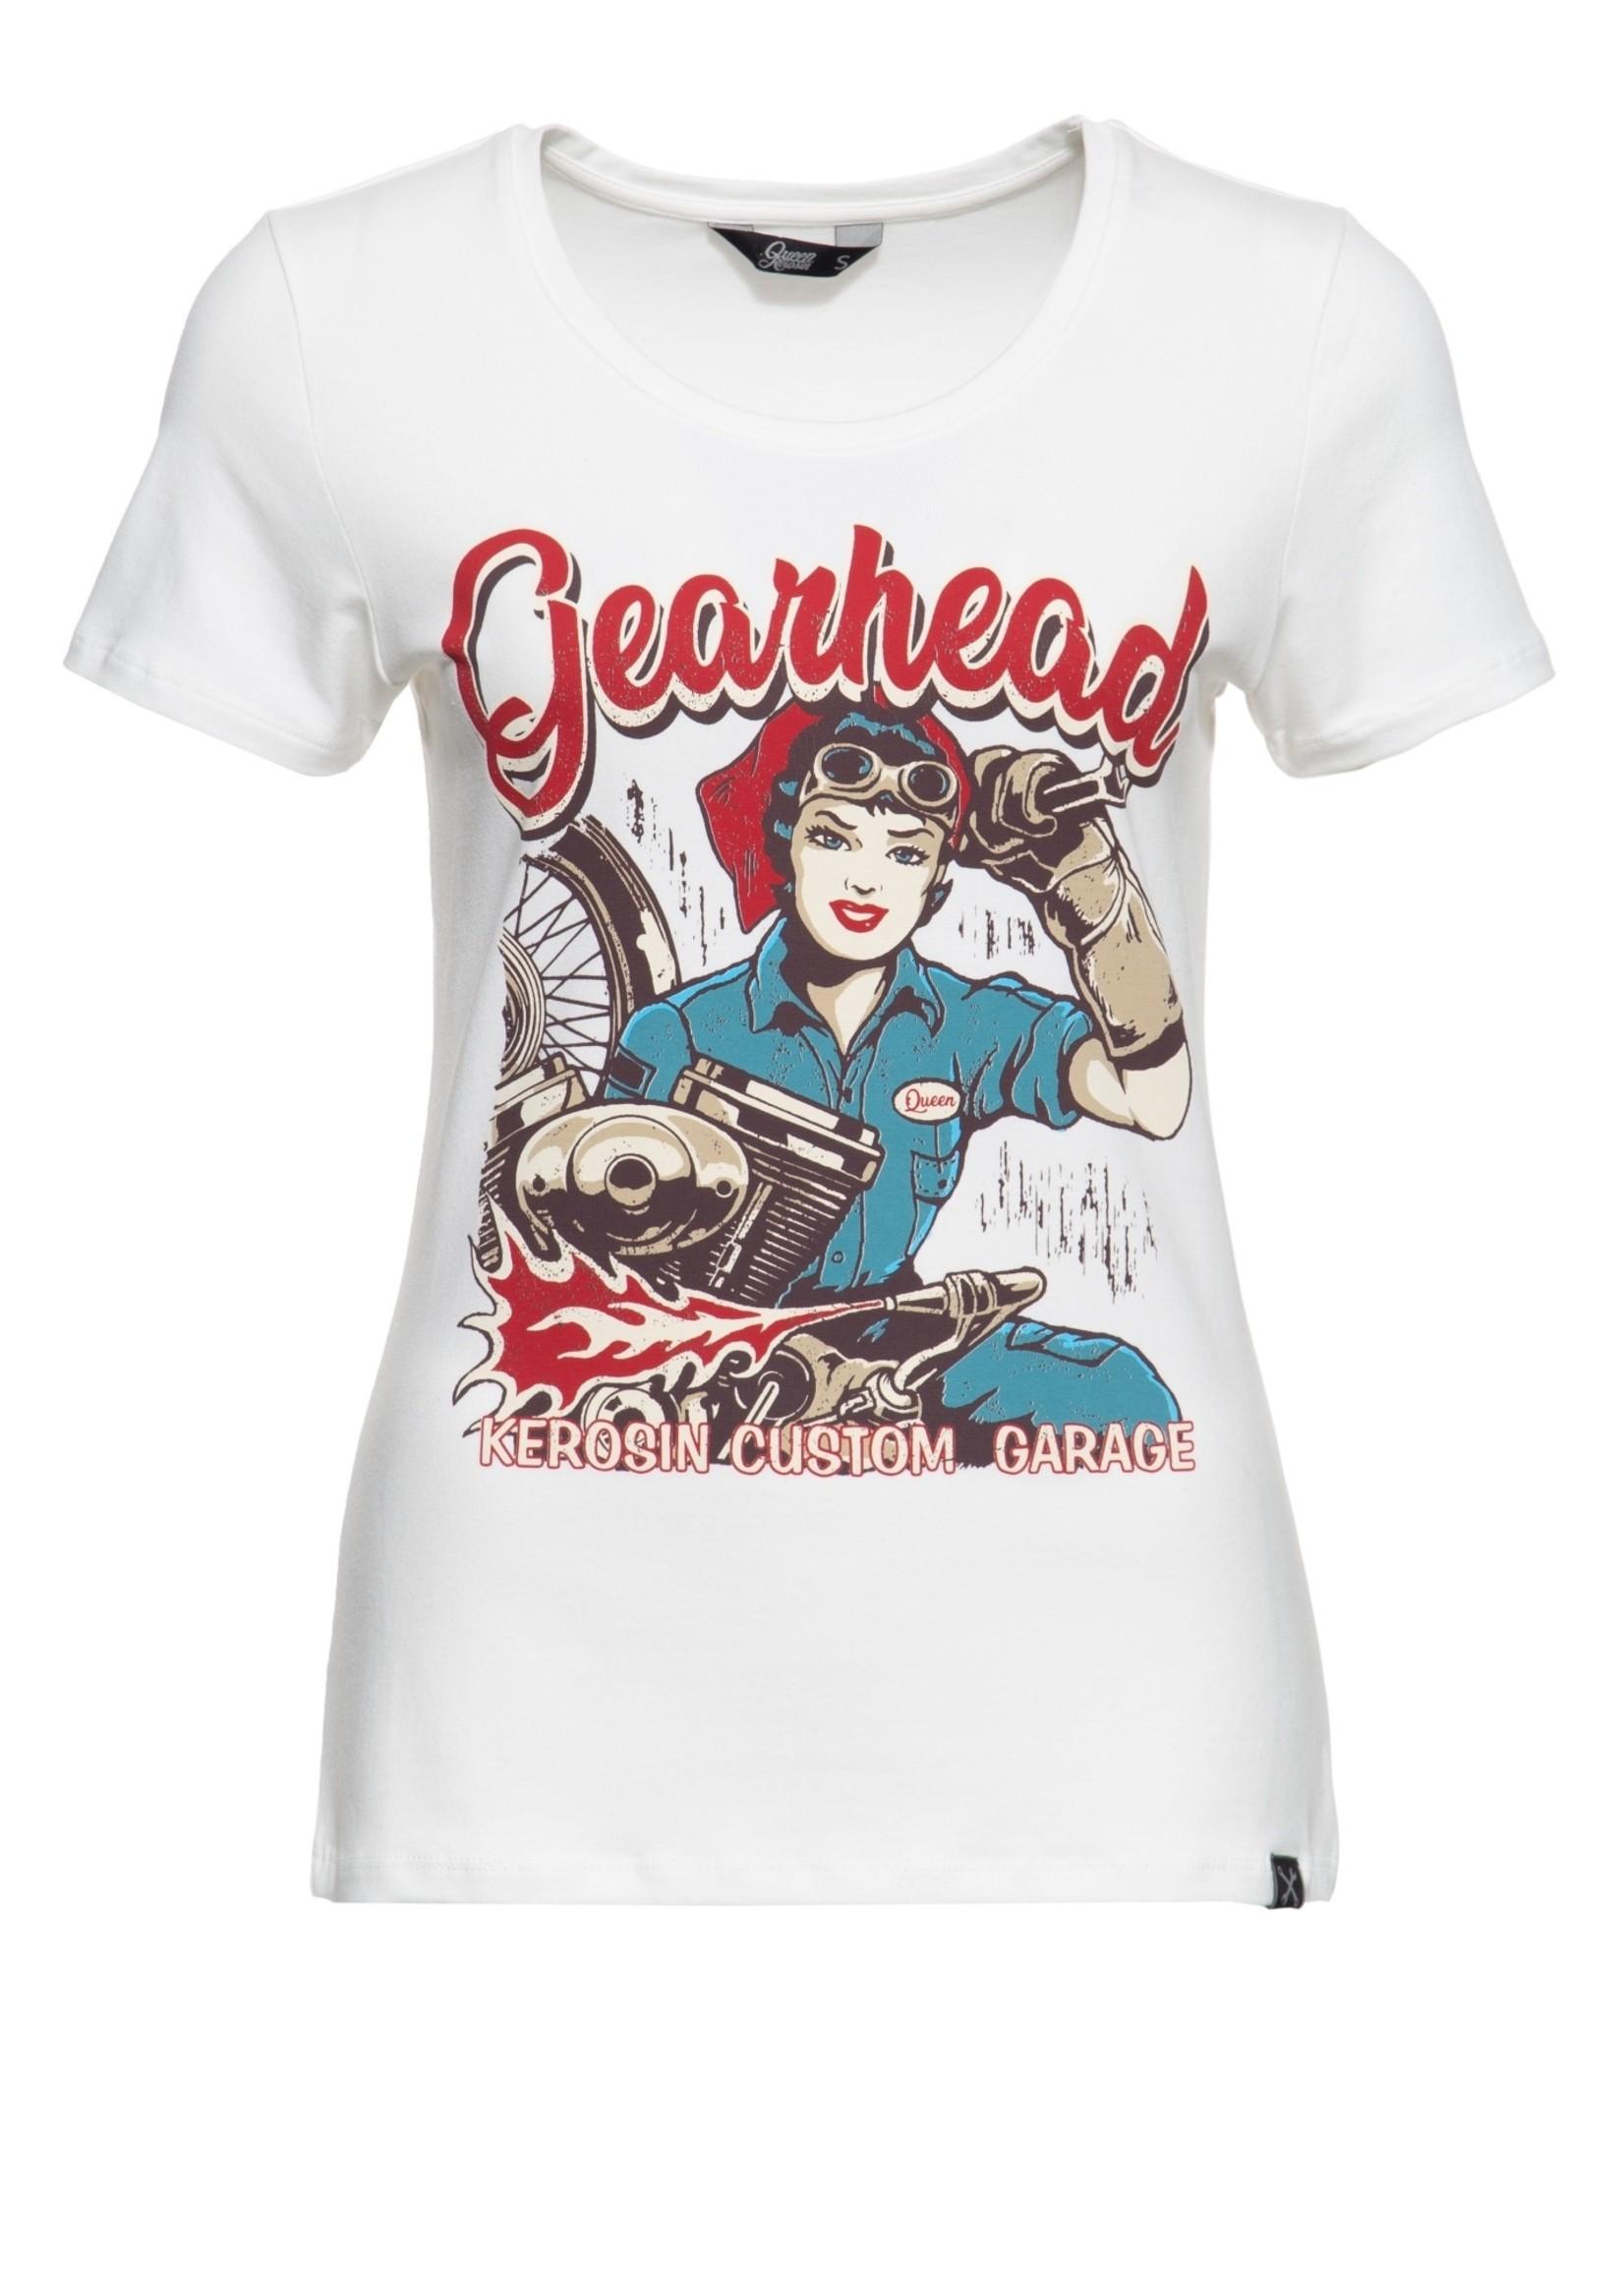 Queen Kerosin Queen Kerosin 50s T-Shirt Gearhead Offwhite